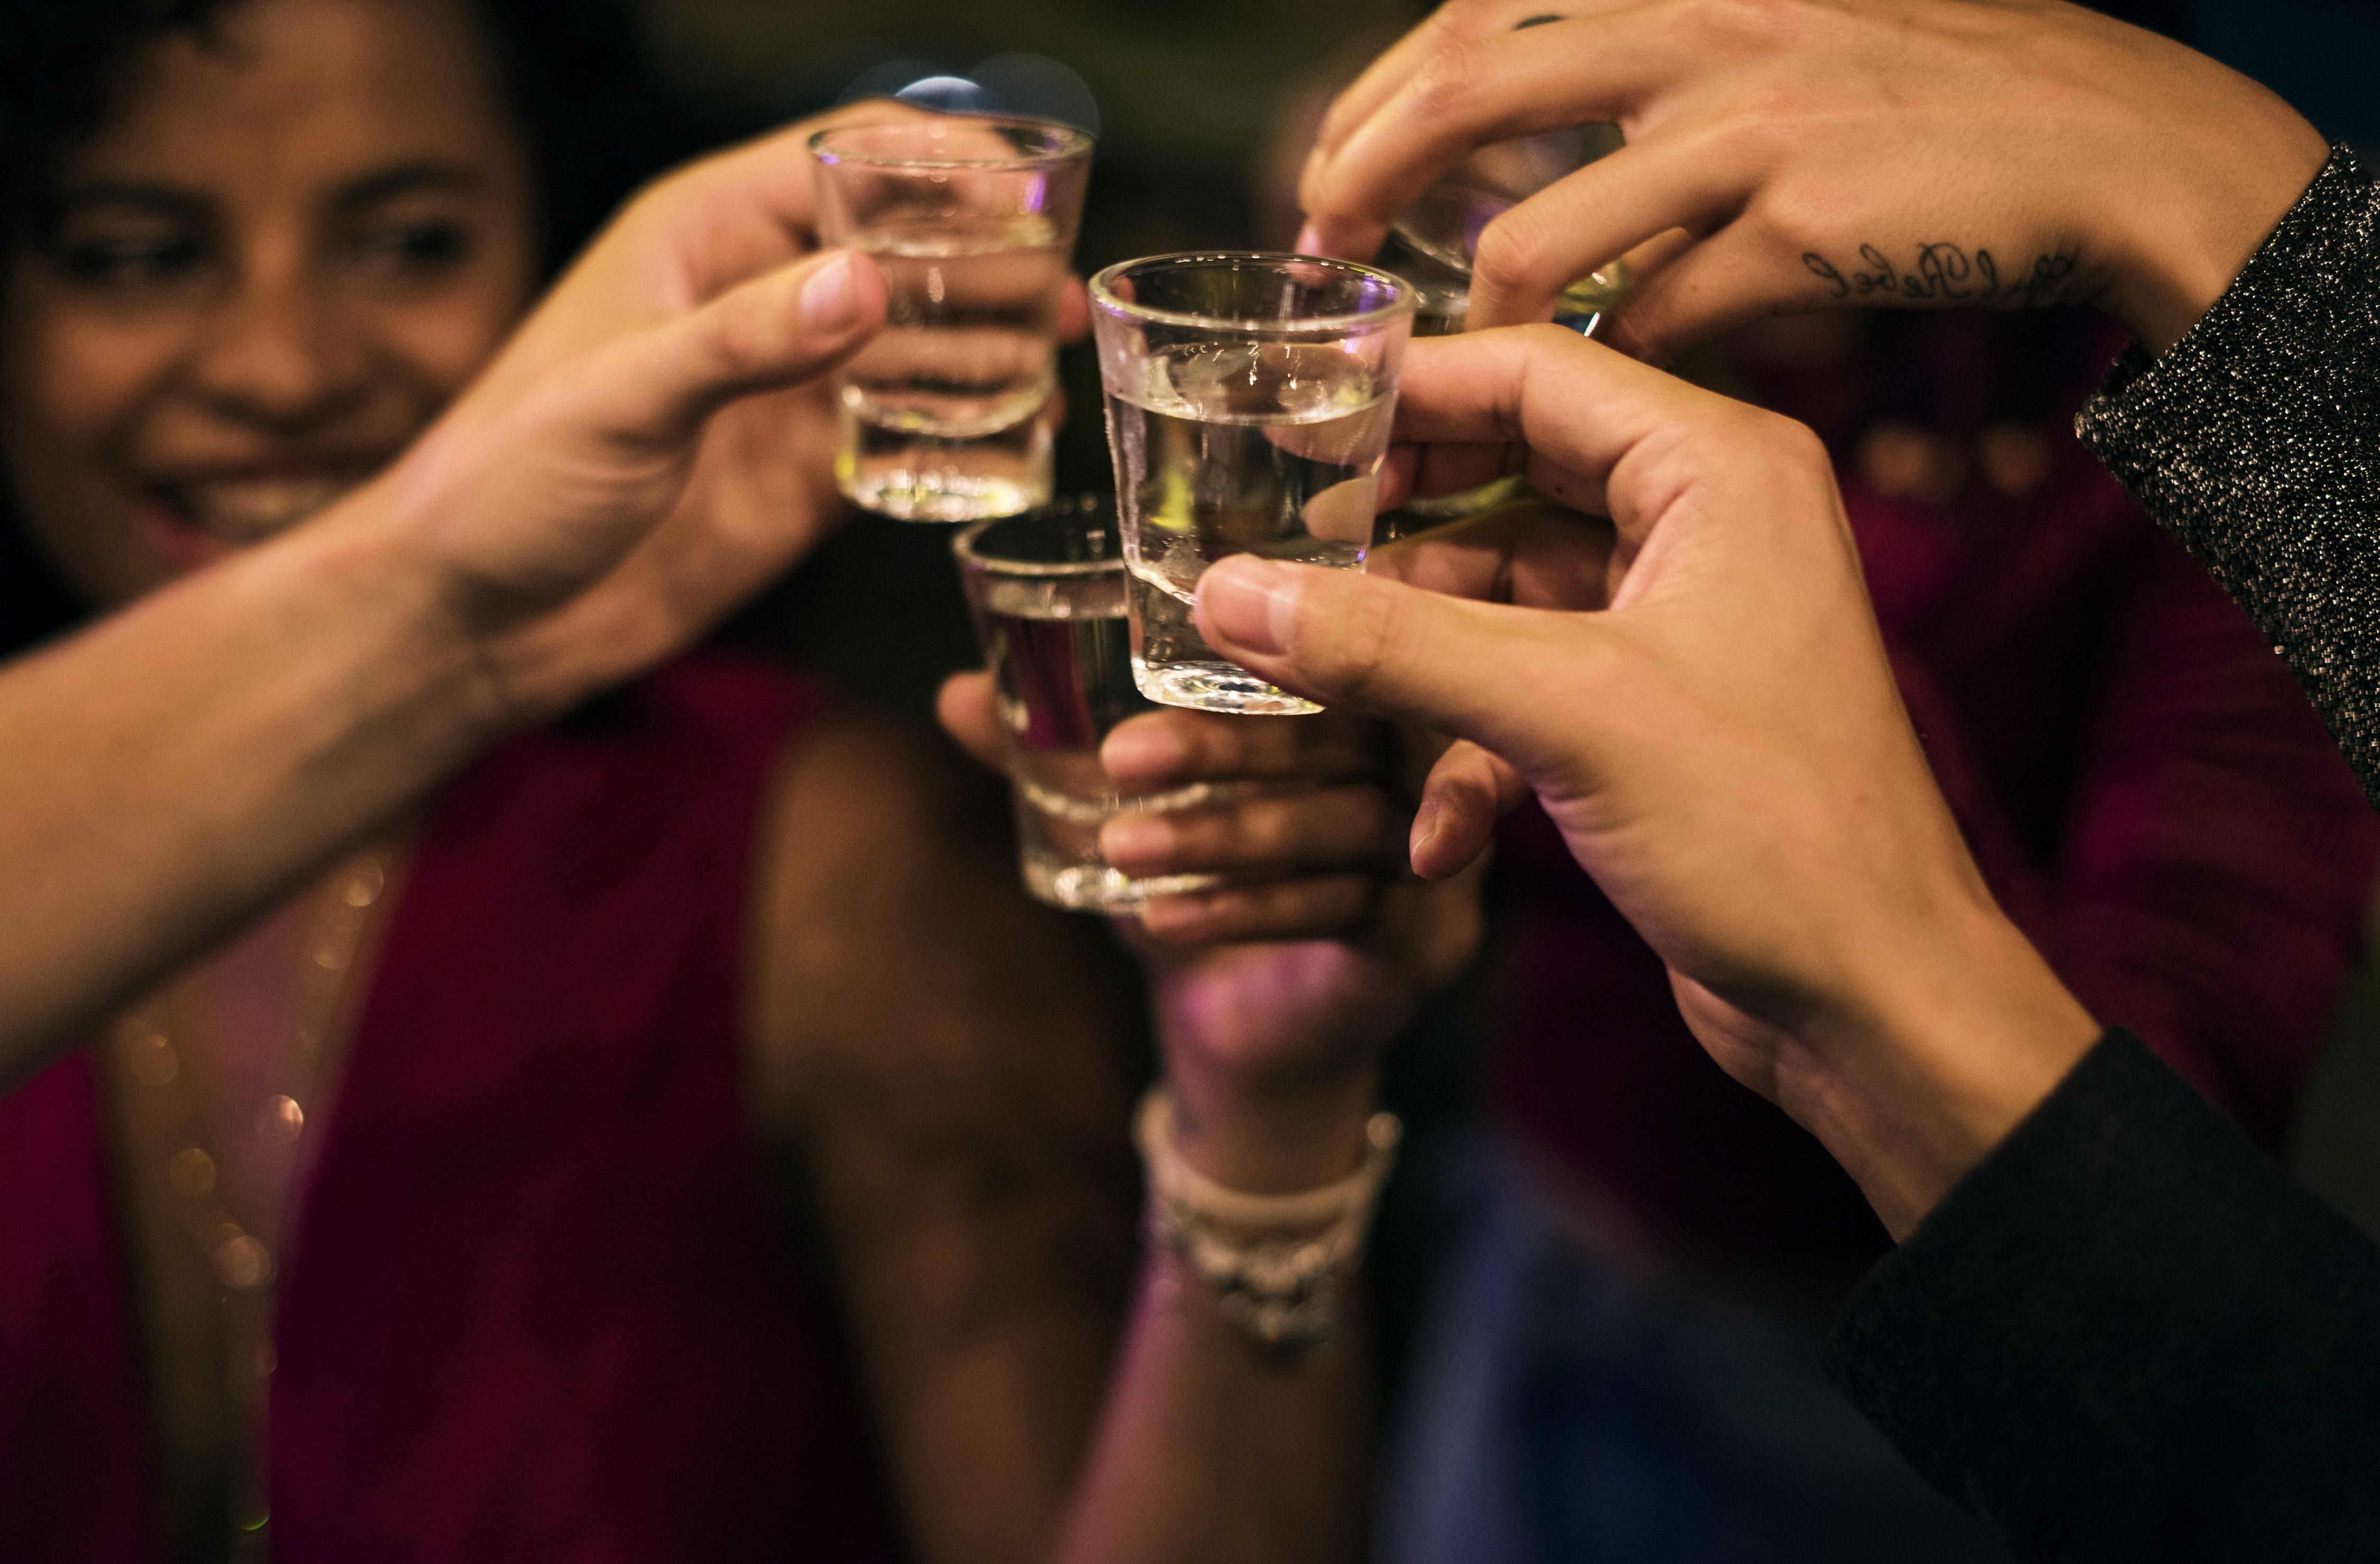 Lotta alla movida: in Campania vietato l'alcol nei luoghi pubblici dalle 22